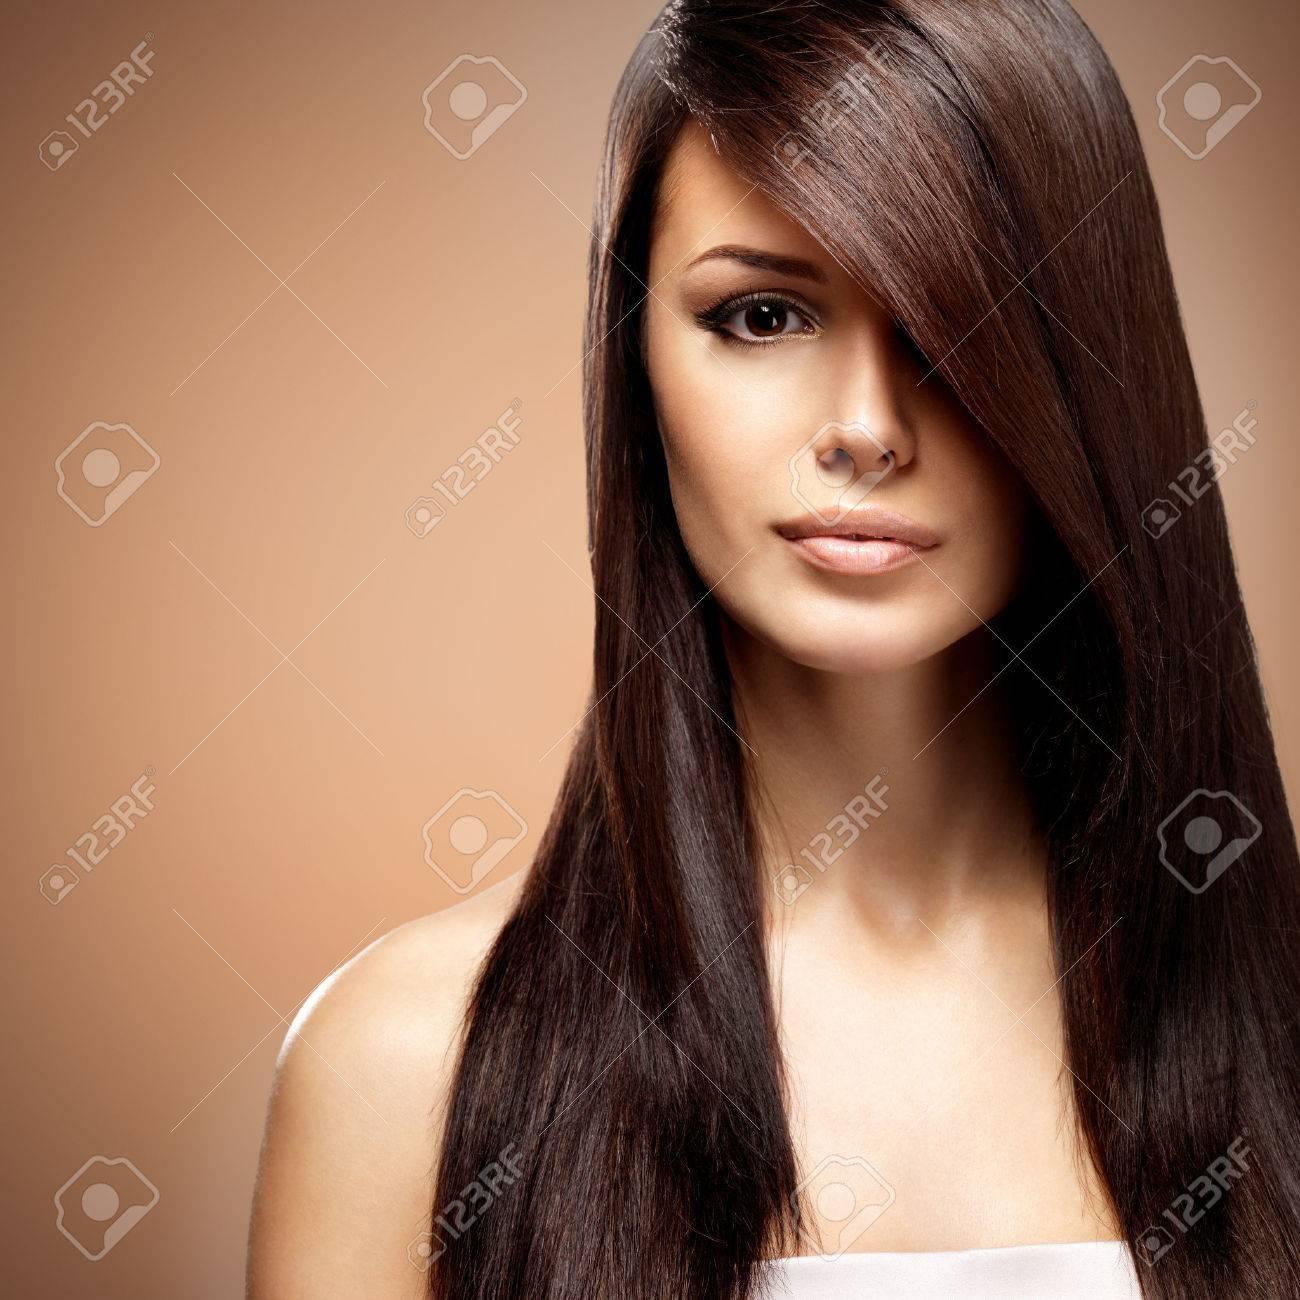 Belle jeune femme avec de longs cheveux bruns raides. Fashion model pose au studio sur fond beige Banque d'images - 63432208